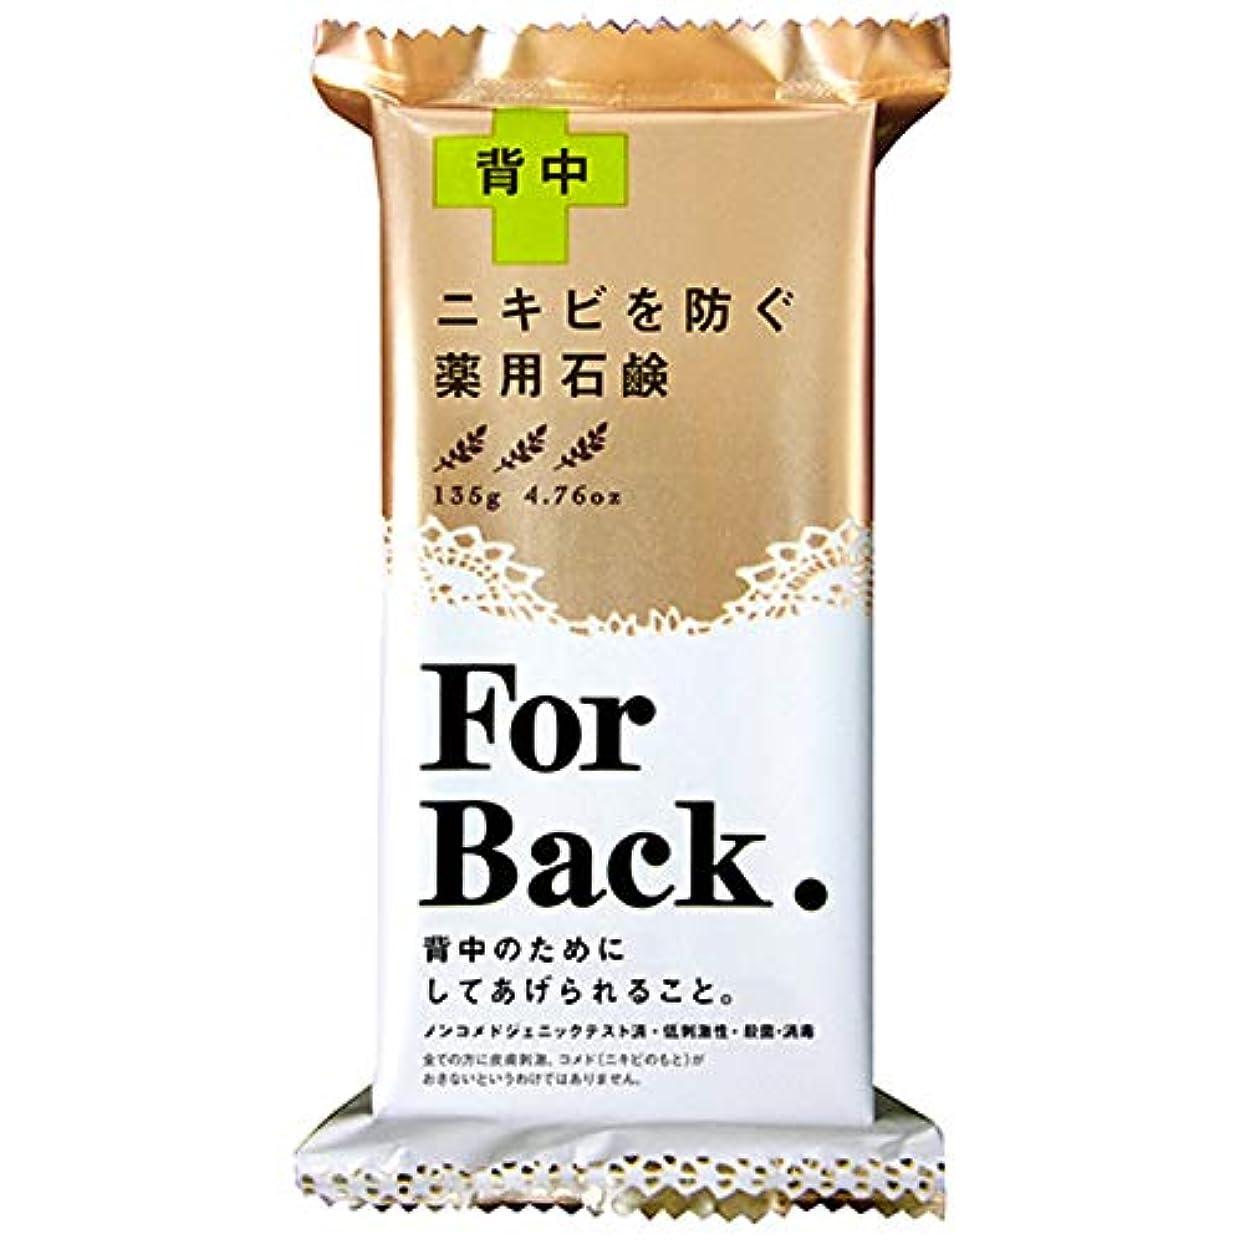 永久にインチ致命的な【セット品】薬用石鹸ForBack 135g (135g×5個)